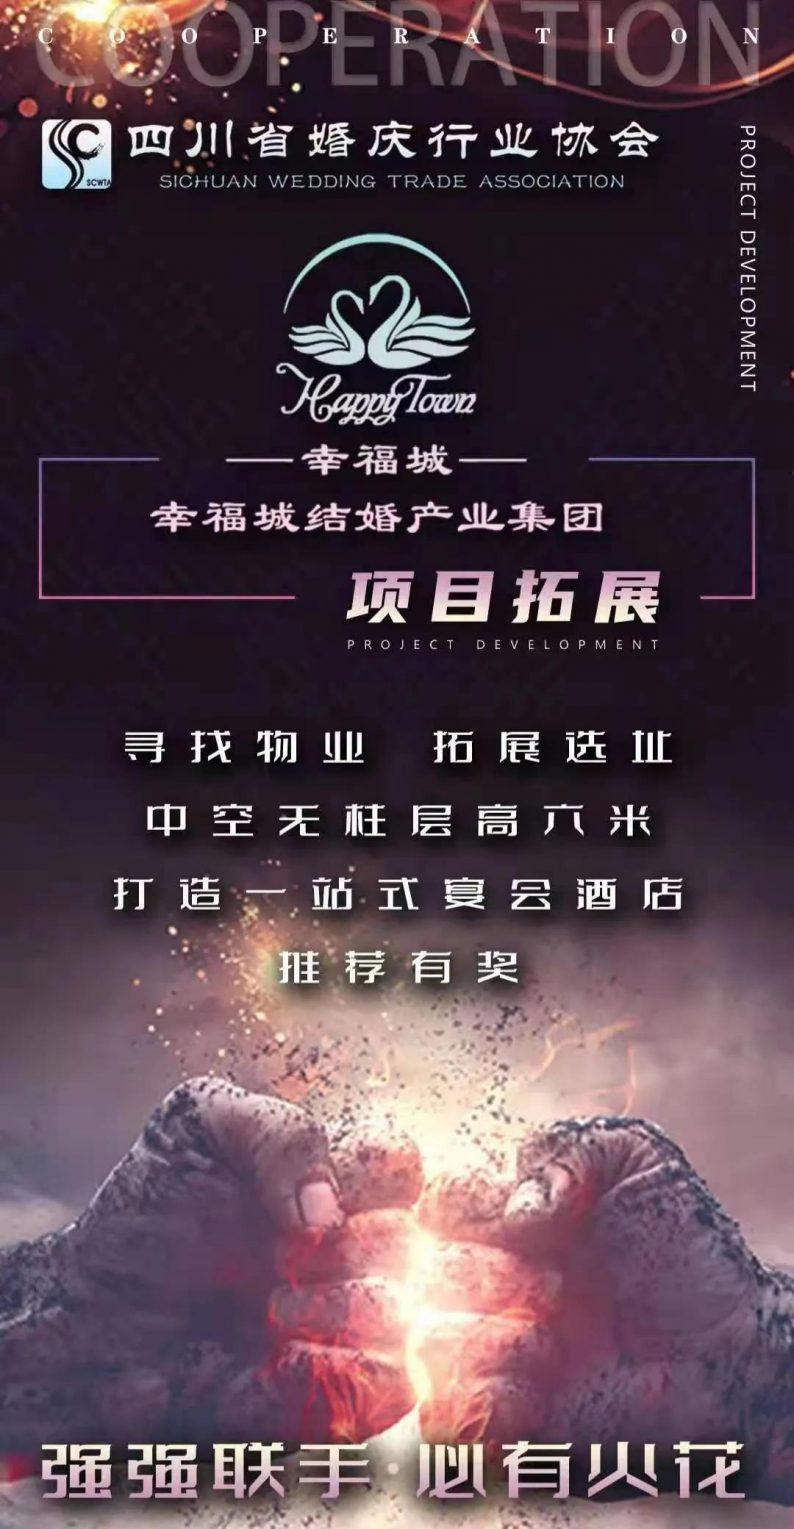 打造5.0版本宴会酒店!四川幸福城诚寻独栋独立物业  第2张